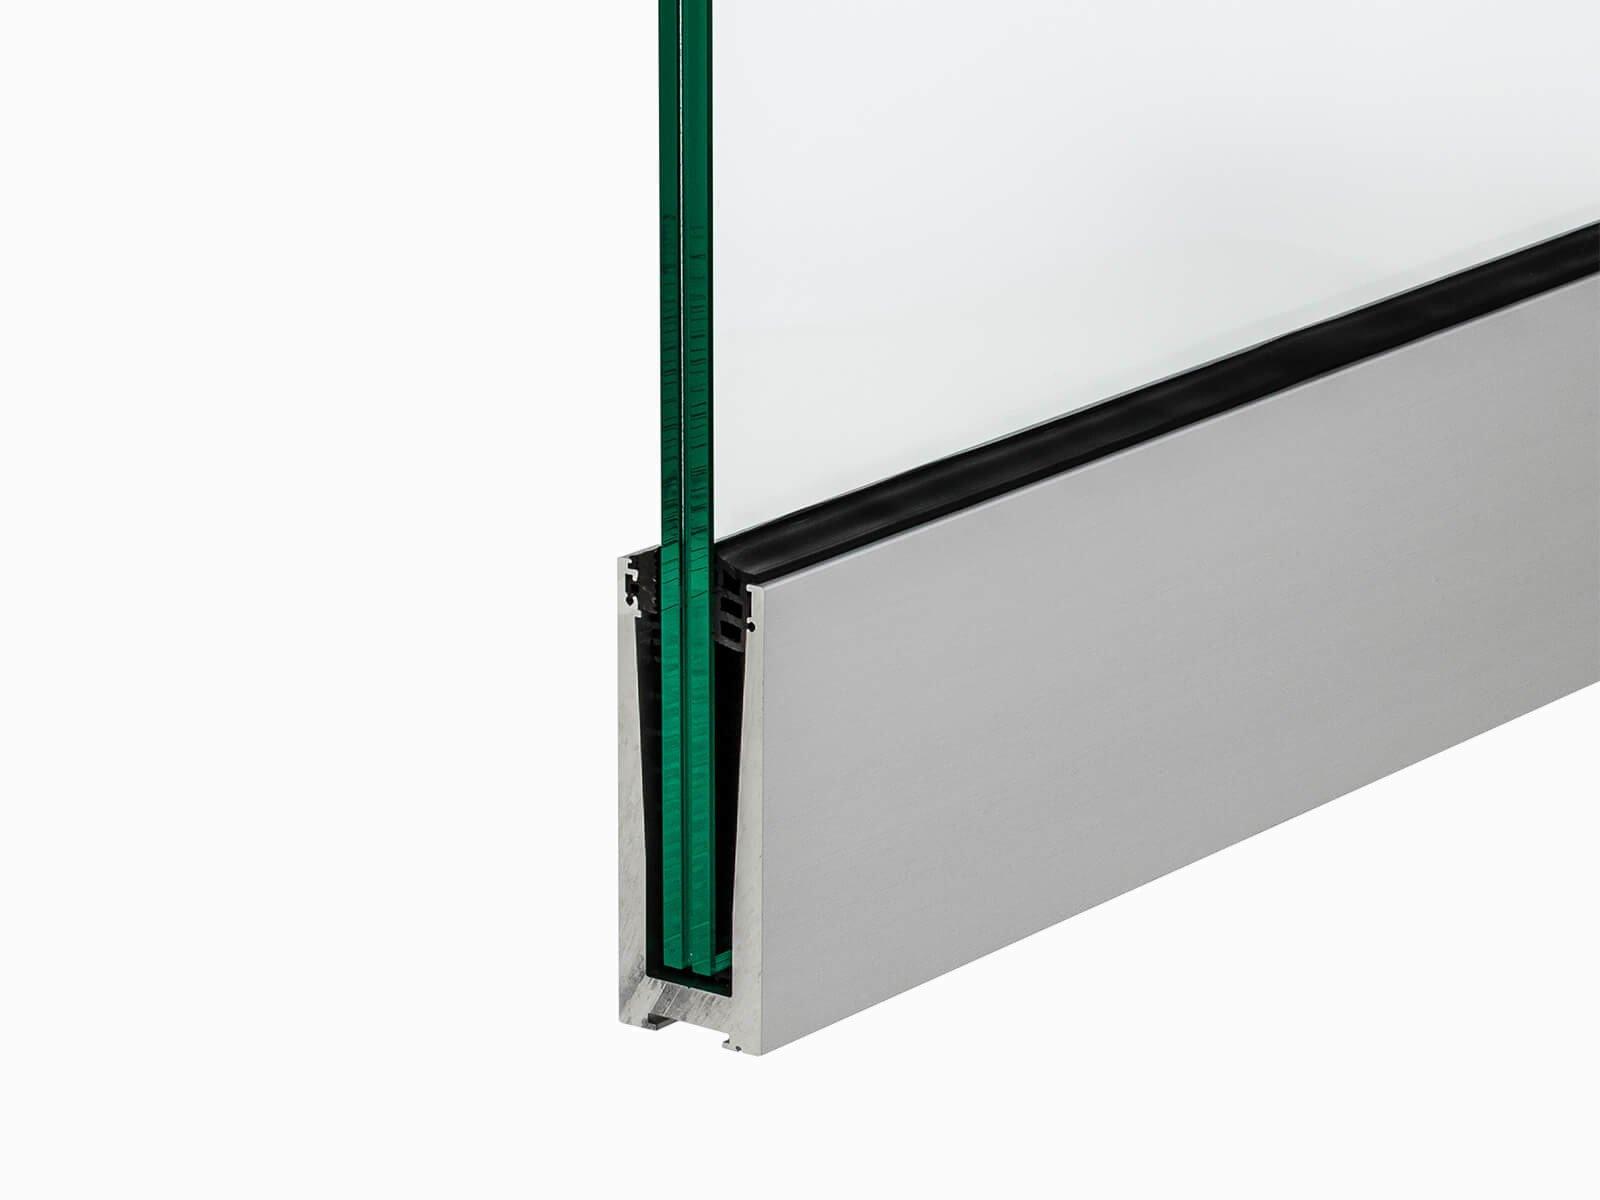 Schmales Brüstungsprofil zur aufgesetztes Montage platzsparende Montagefläche